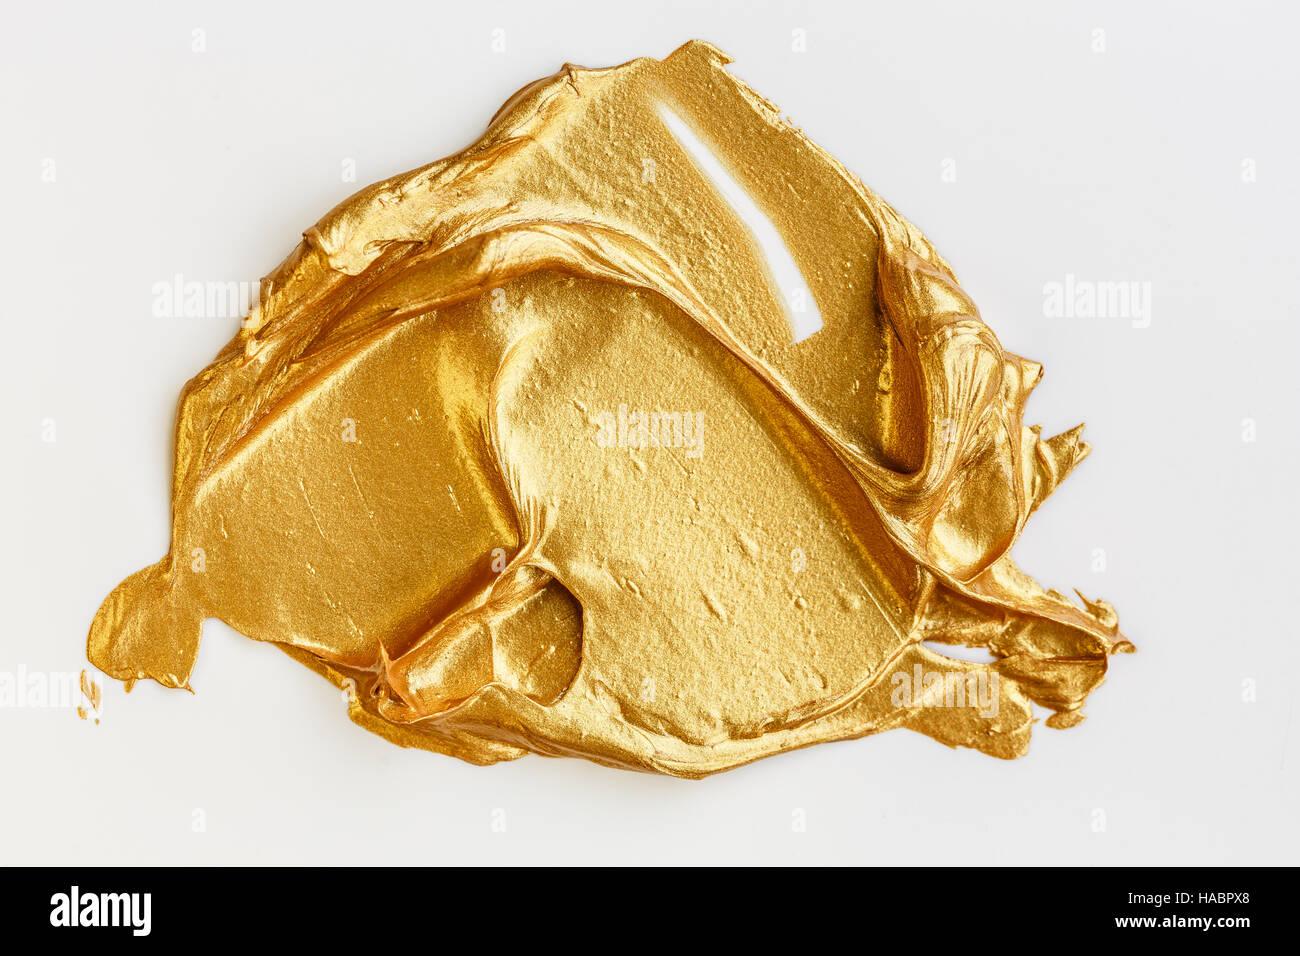 Gold acrylic paint on white background - Stock Image